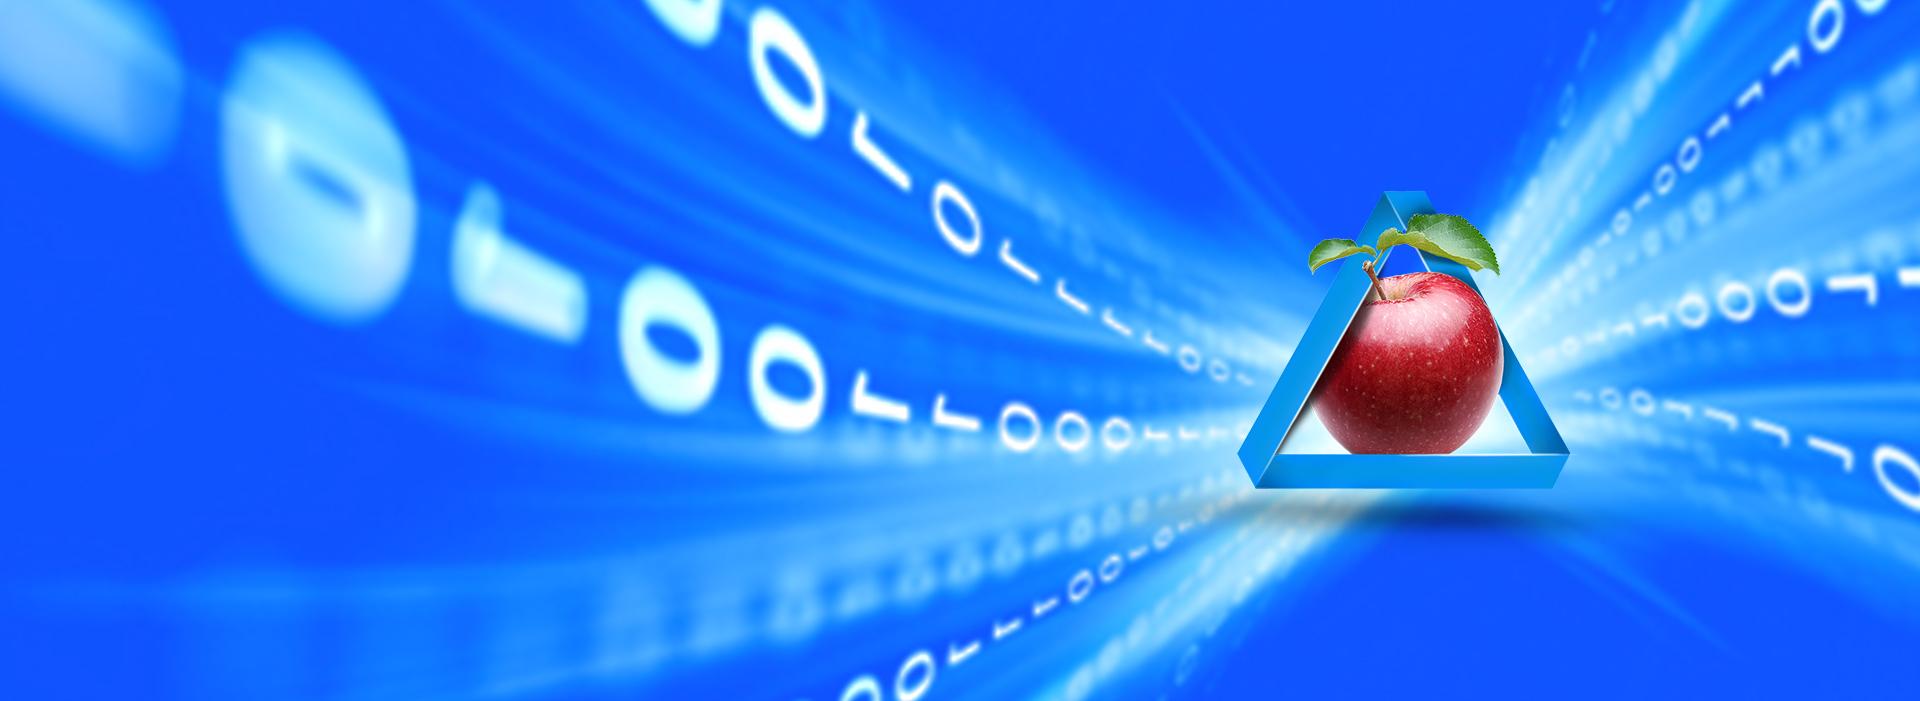 نرم افزار حسابداری کاربران اینترنت